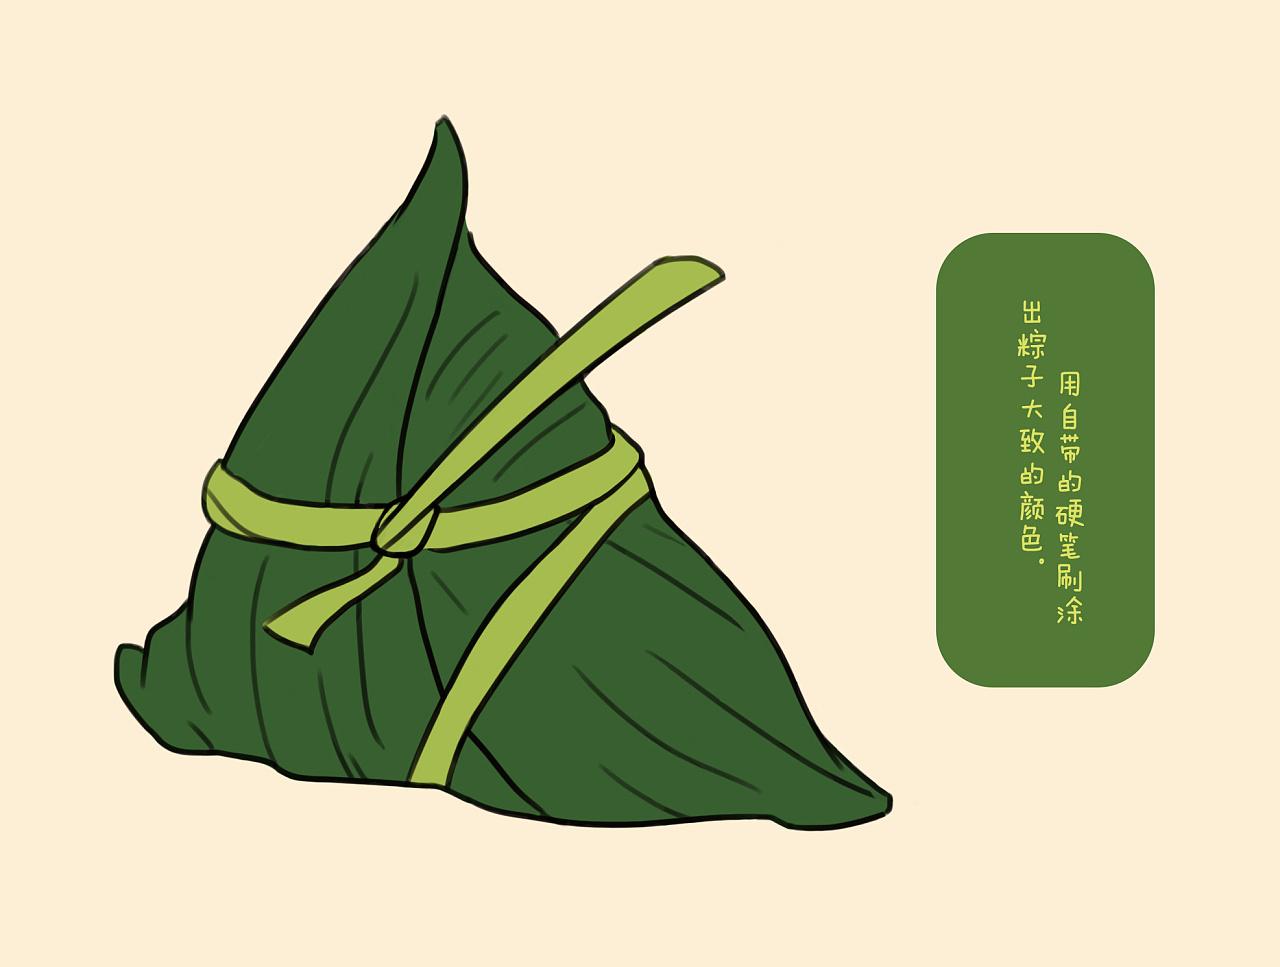 原创手绘粽子